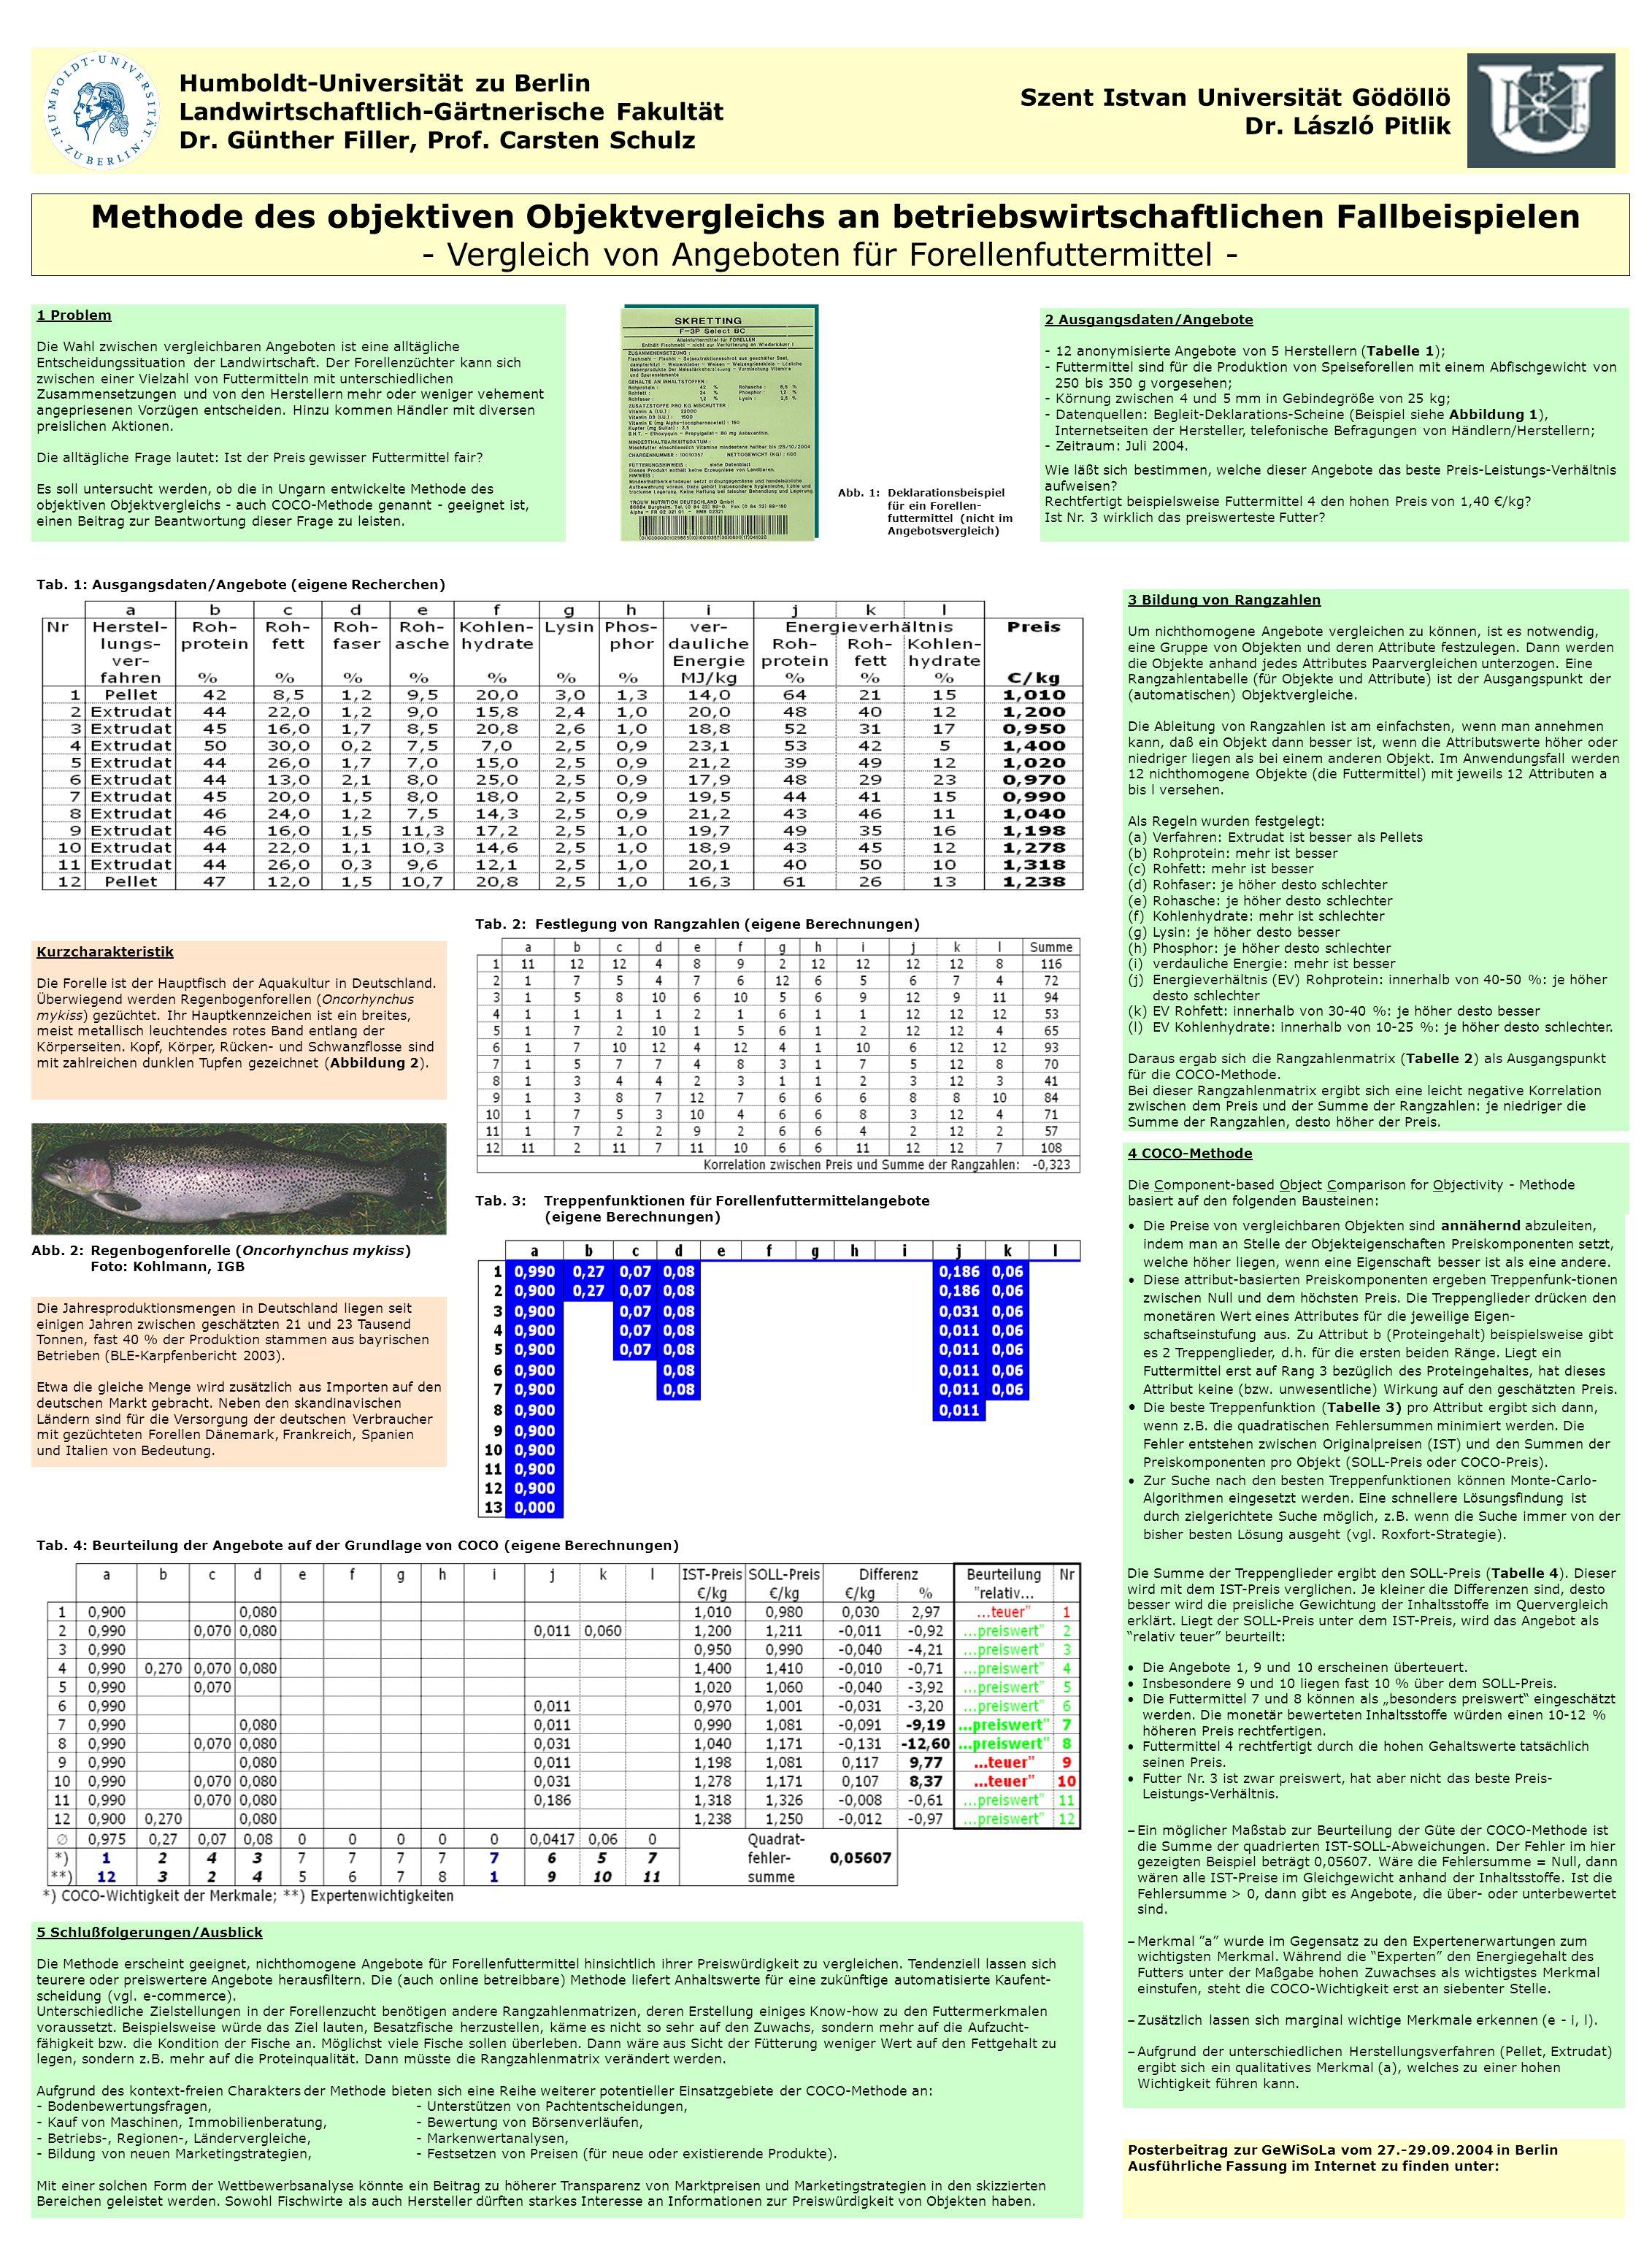 - Vergleich von Angeboten für Forellenfuttermittel -